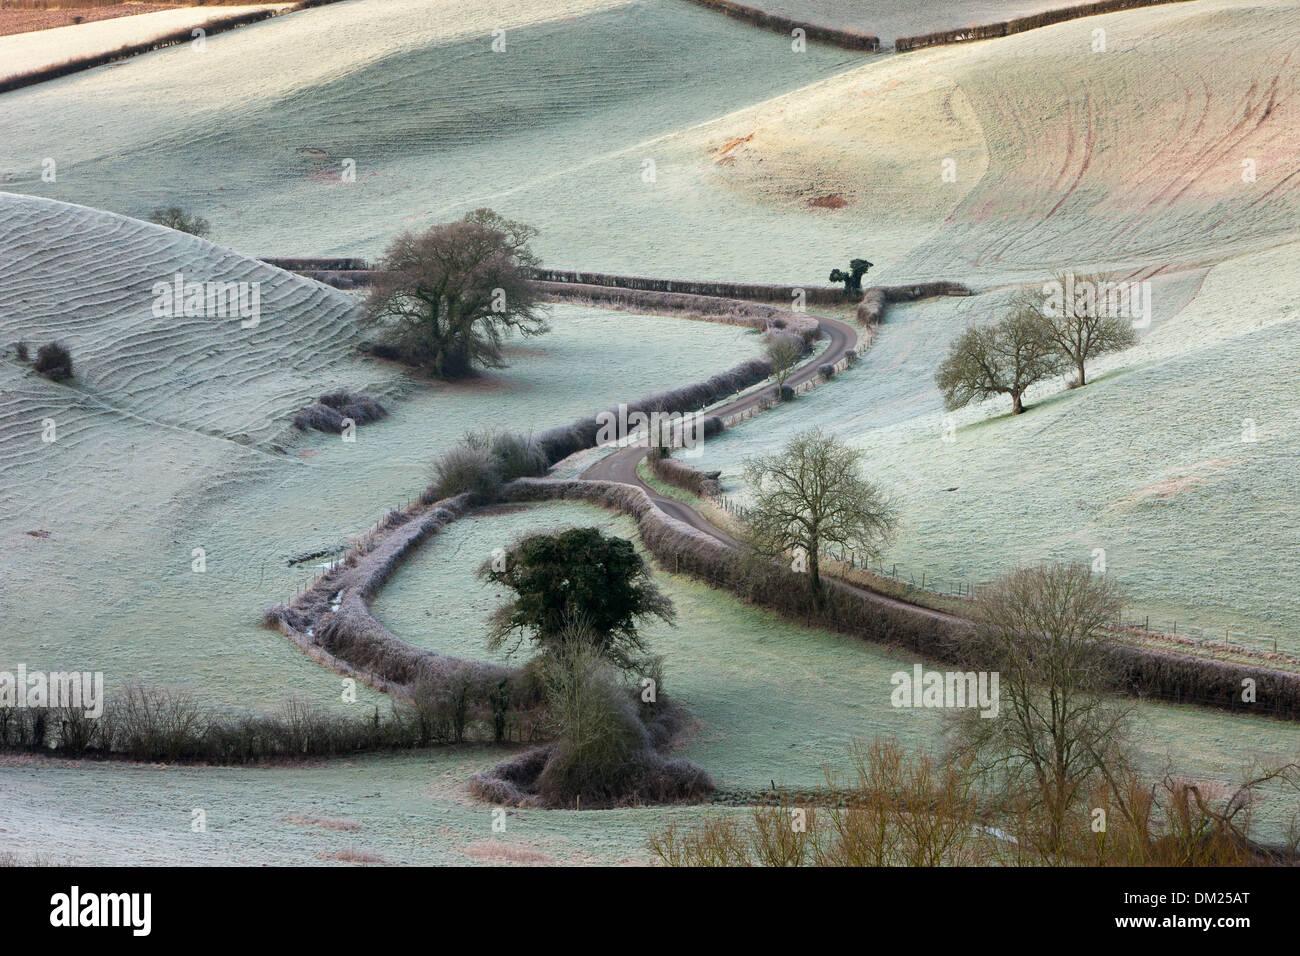 Un matin glacial sur la route d'Oborne, Dorset, Angleterre Photo Stock